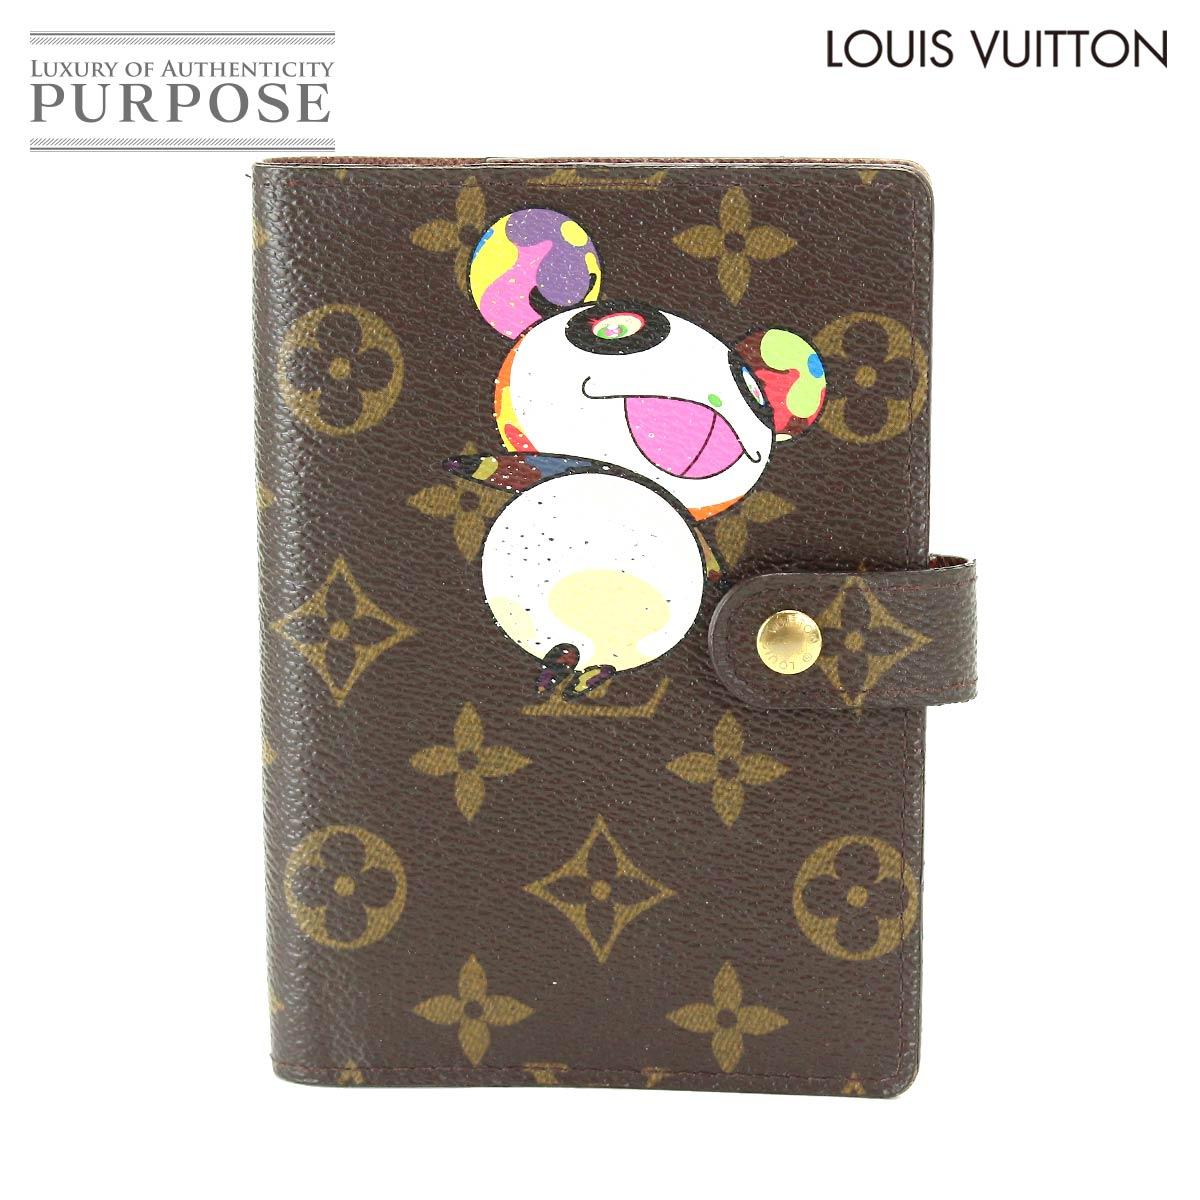 バッグ・小物・ブランド雑貨, その他  LOUIS VUITTON PM R20011